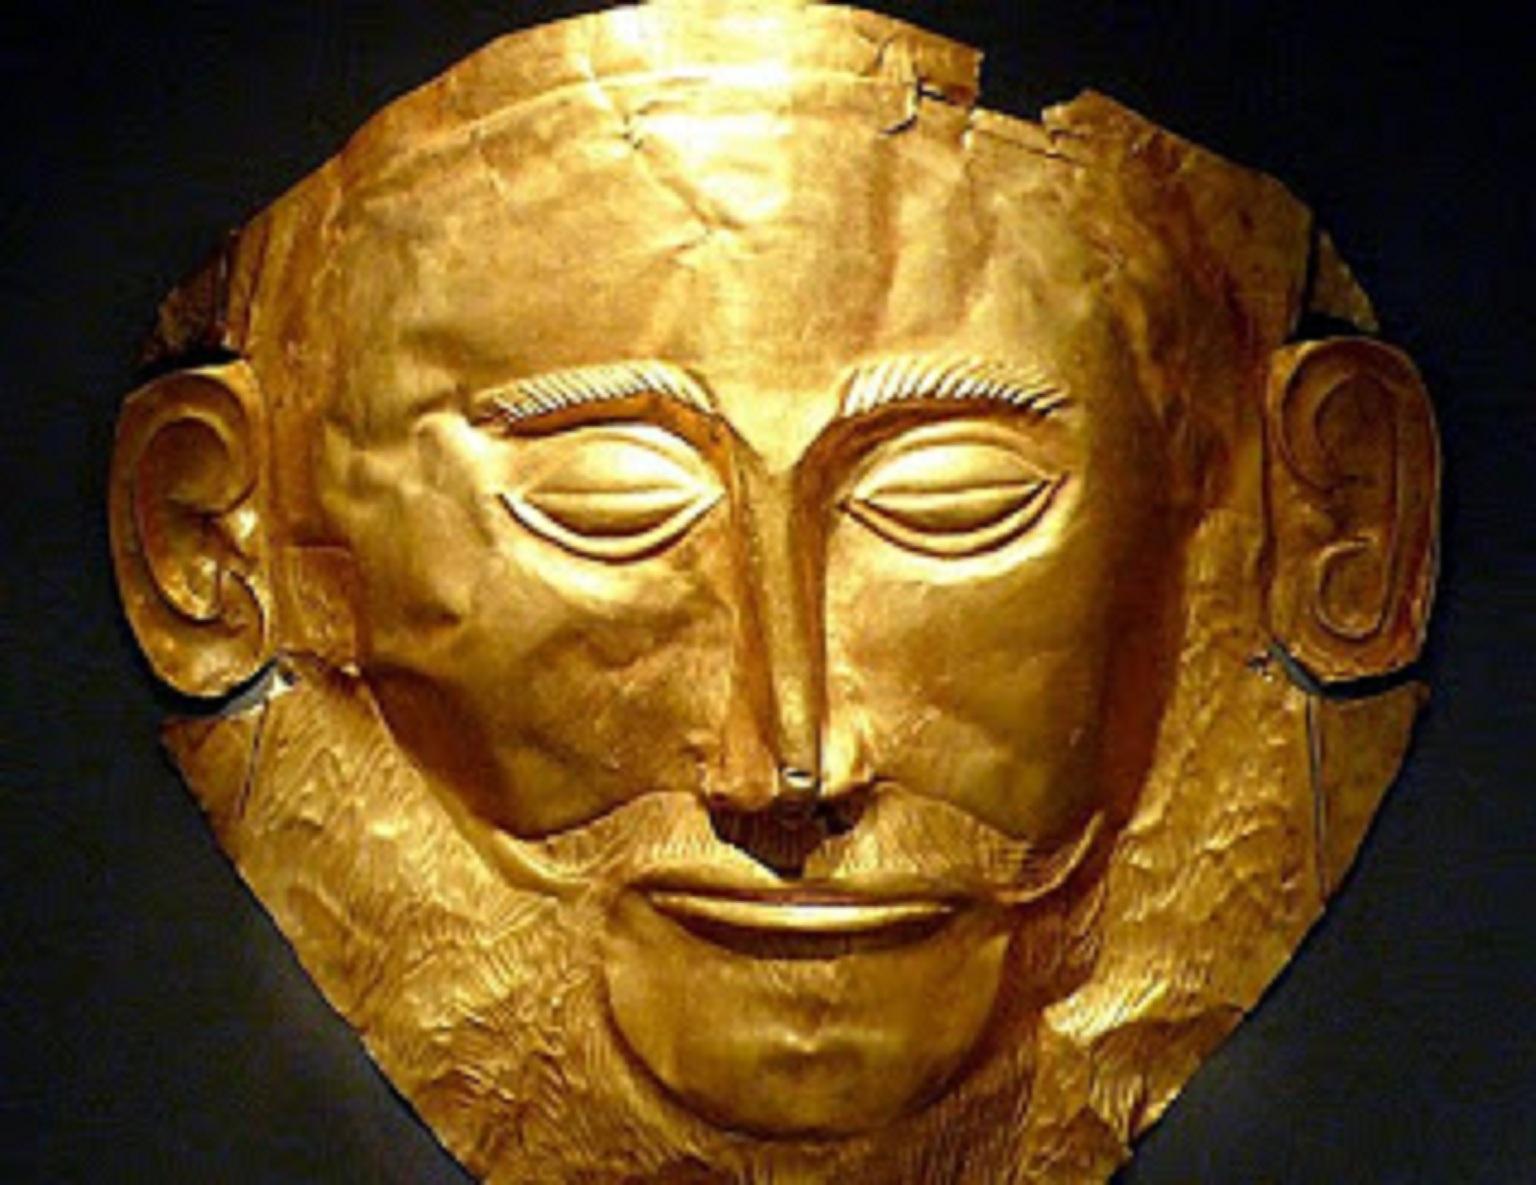 Το αντίγραφο της νεκρικής χρυσής μάσκας του Αγαμέμνονα